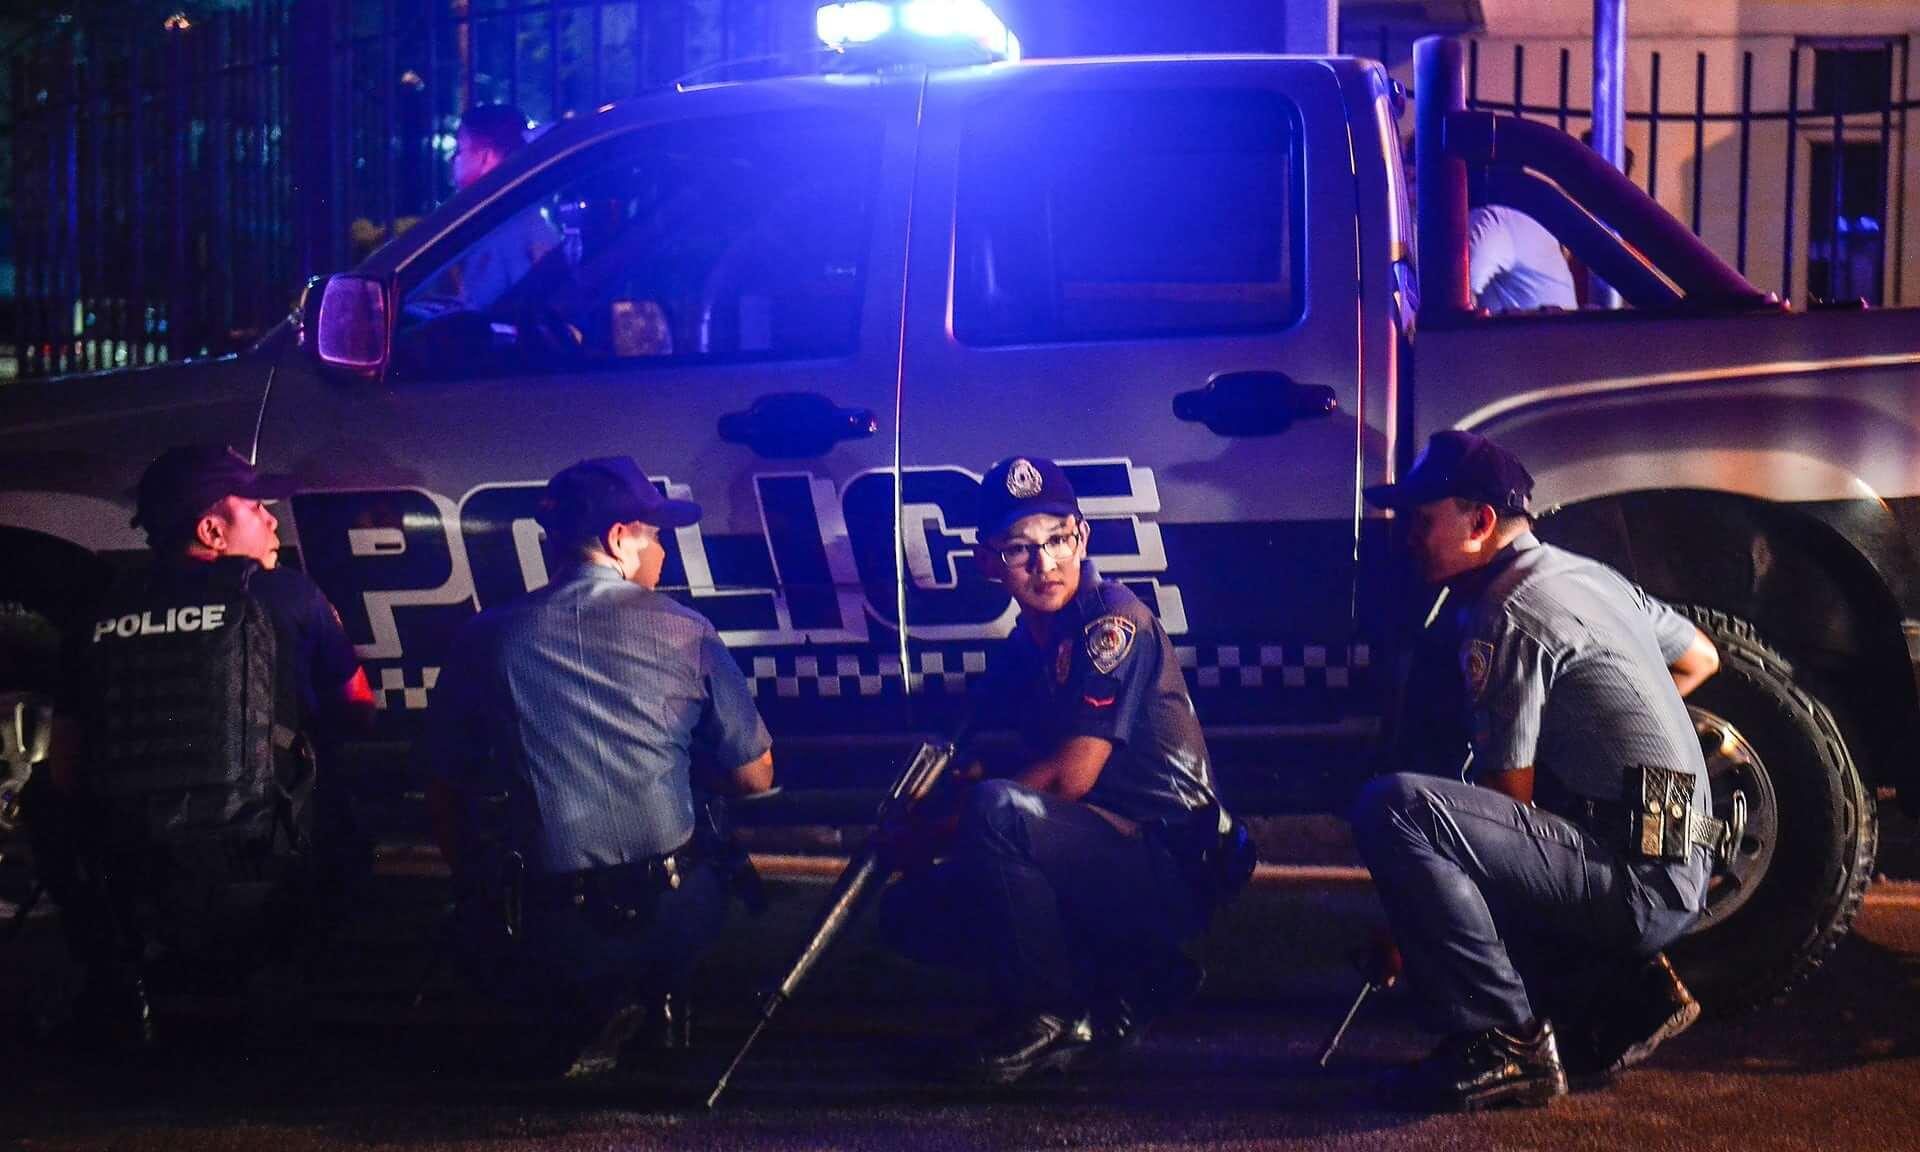 У отеля, в столице Филиппин прогремели взрывы